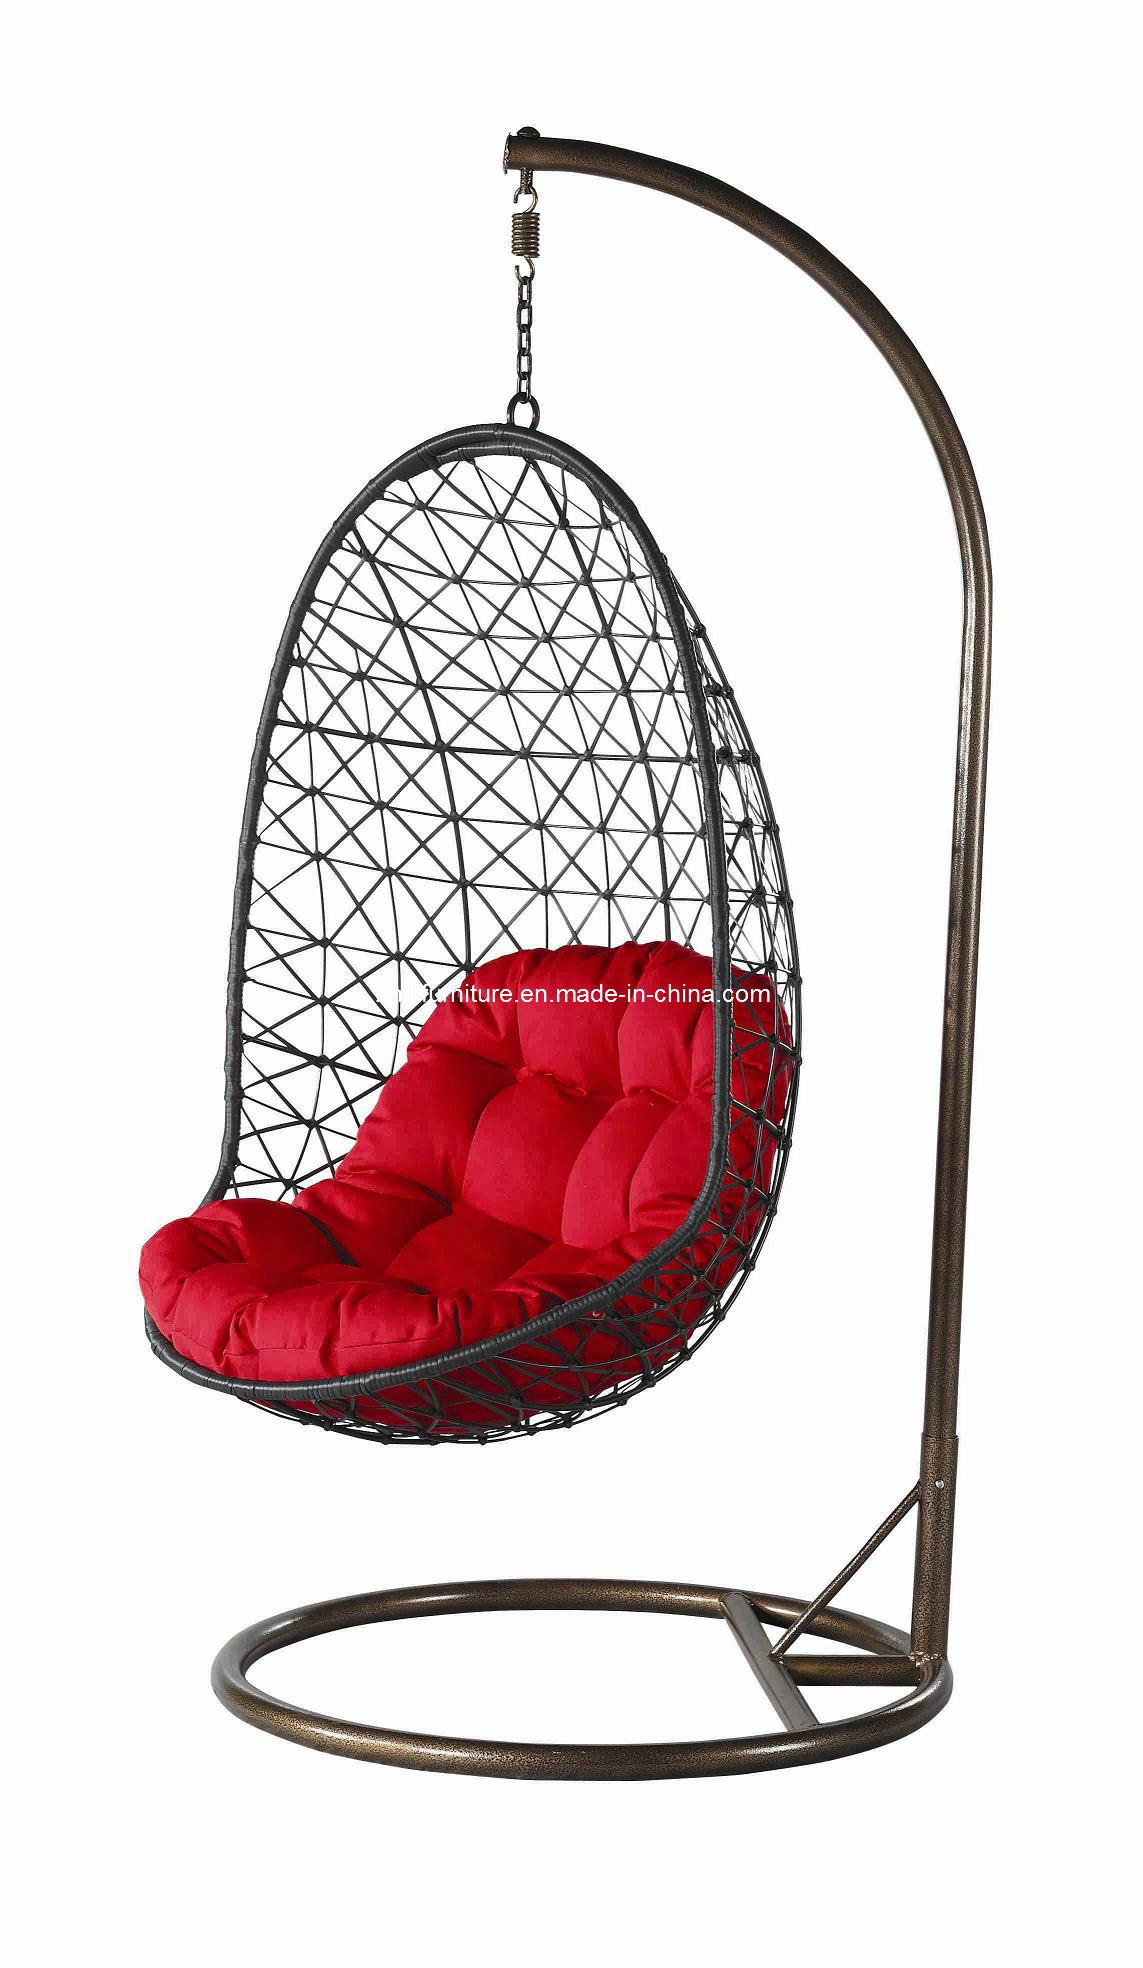 Cadeira do balanço/cadeira de suspensão de suspensão da cesta  #B91228 1143x1968